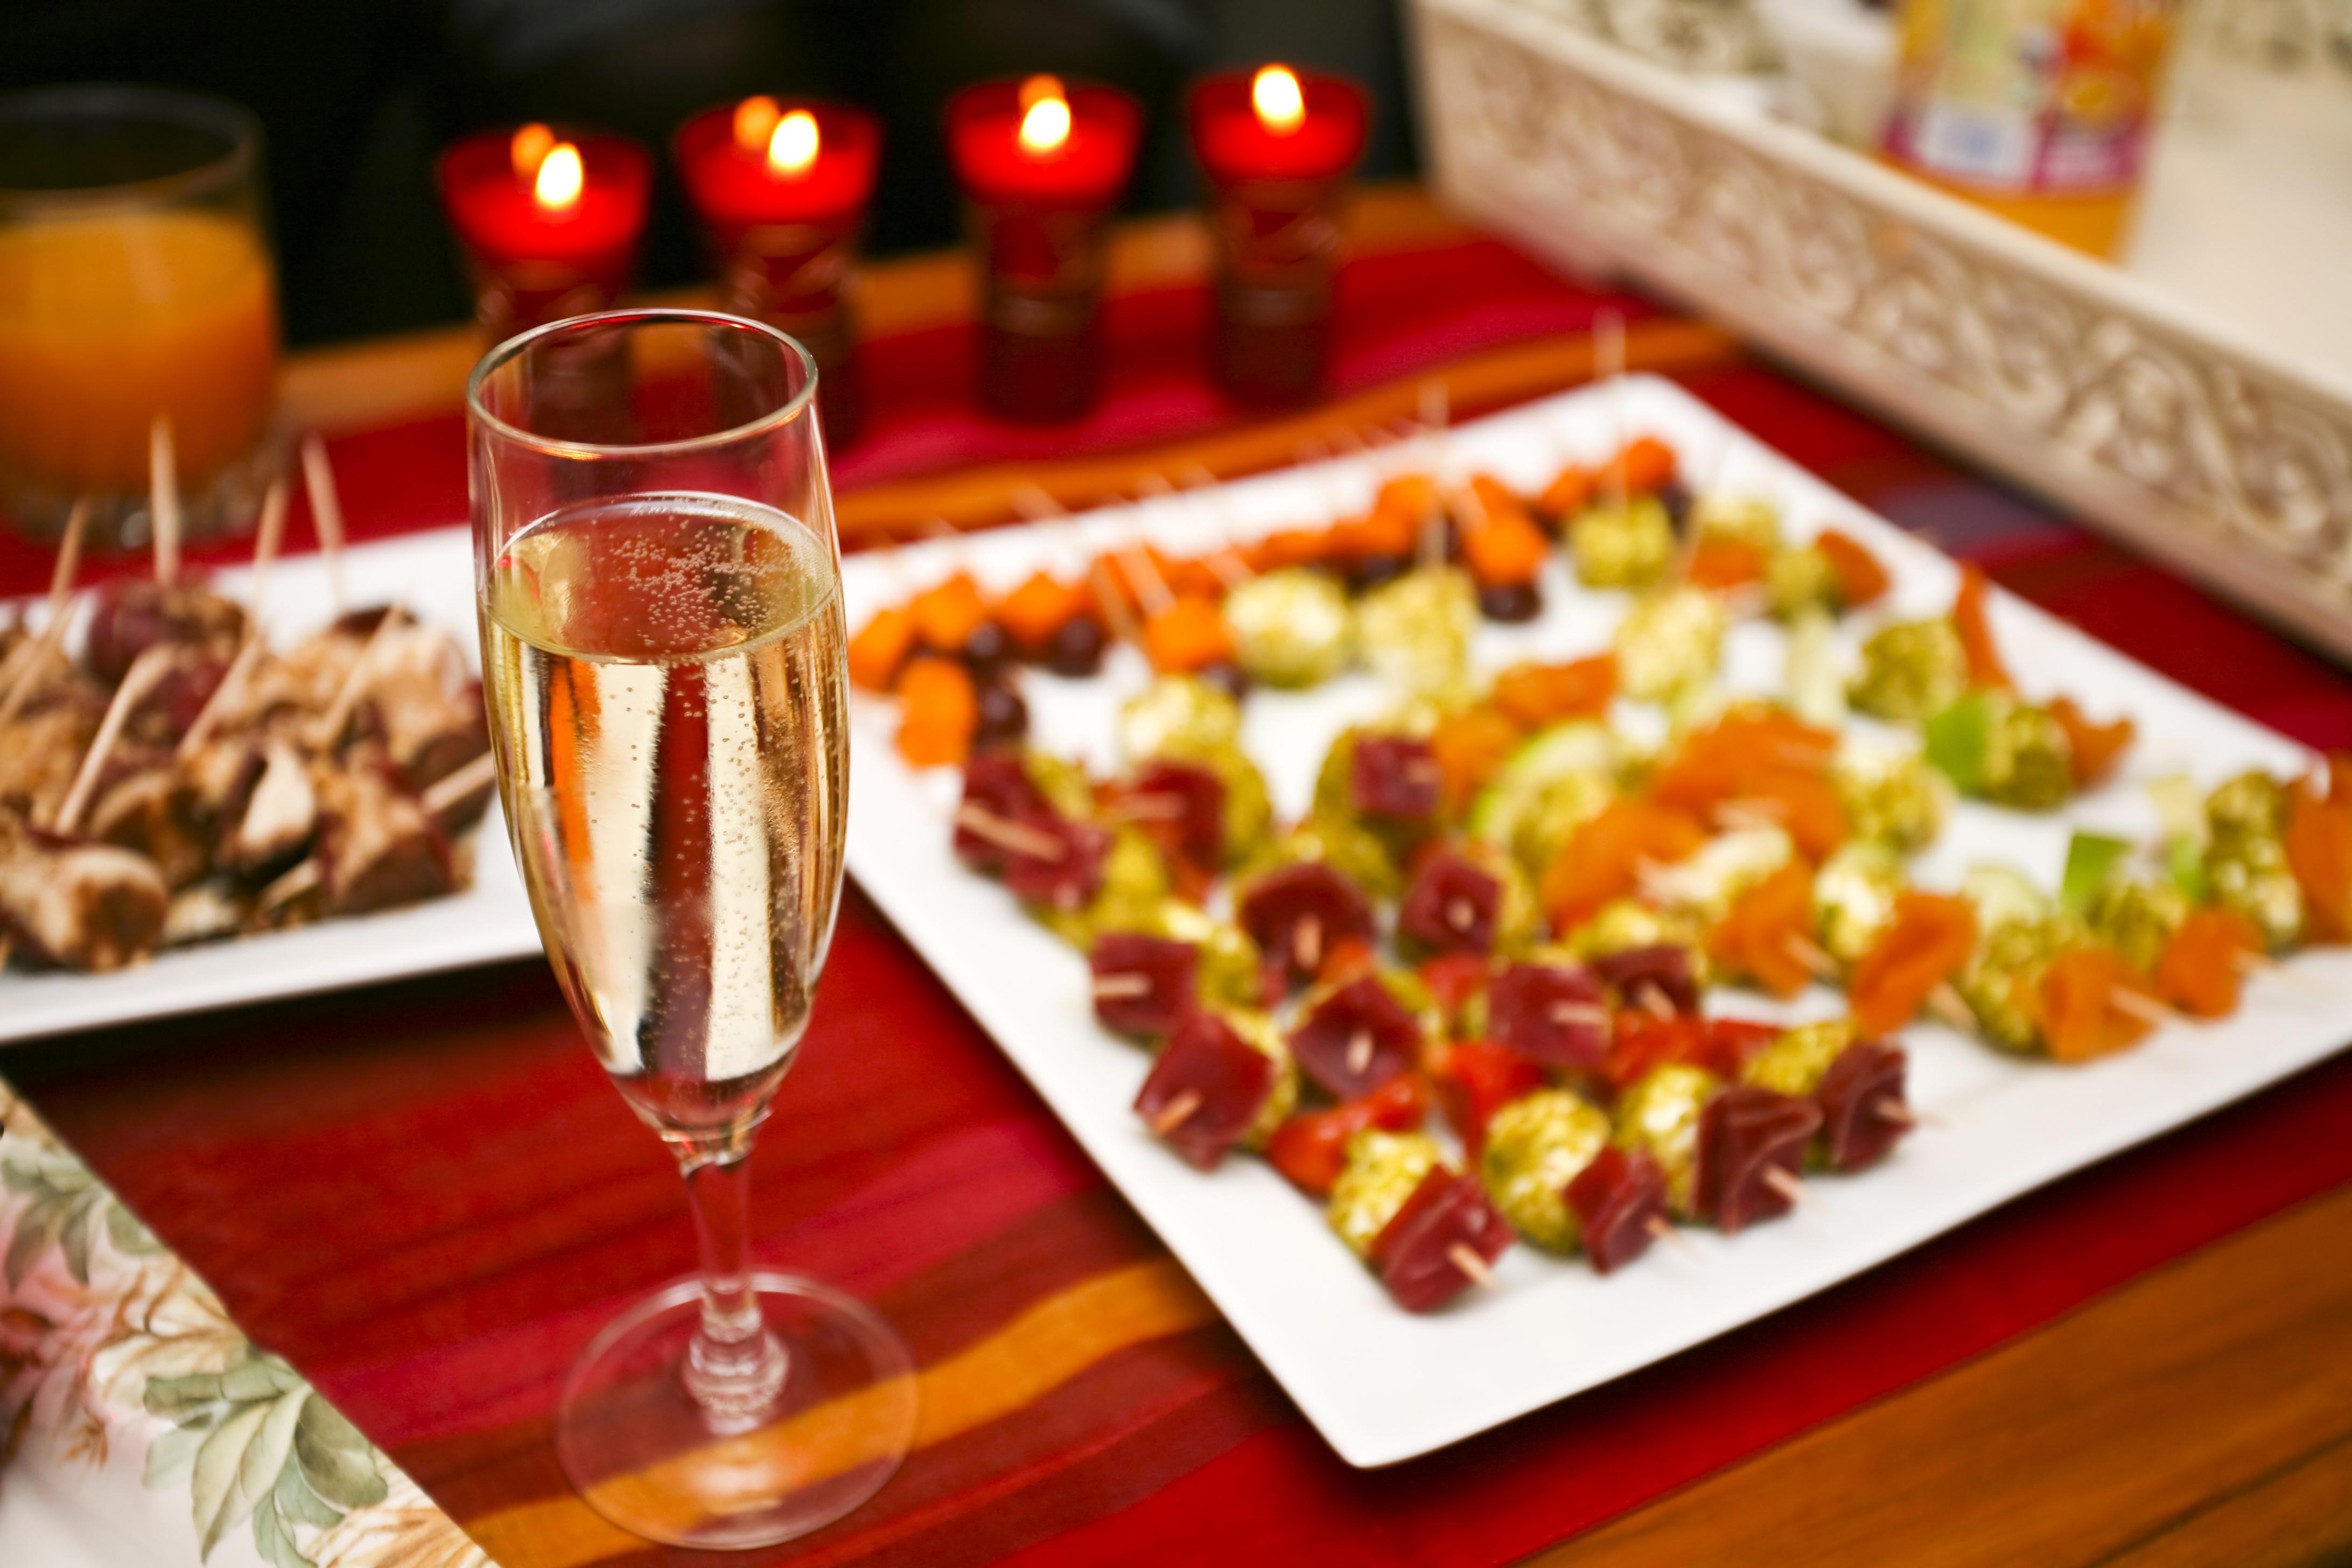 シャンパングラスやビュッフェ料理、キャンドルが並ぶテーブル